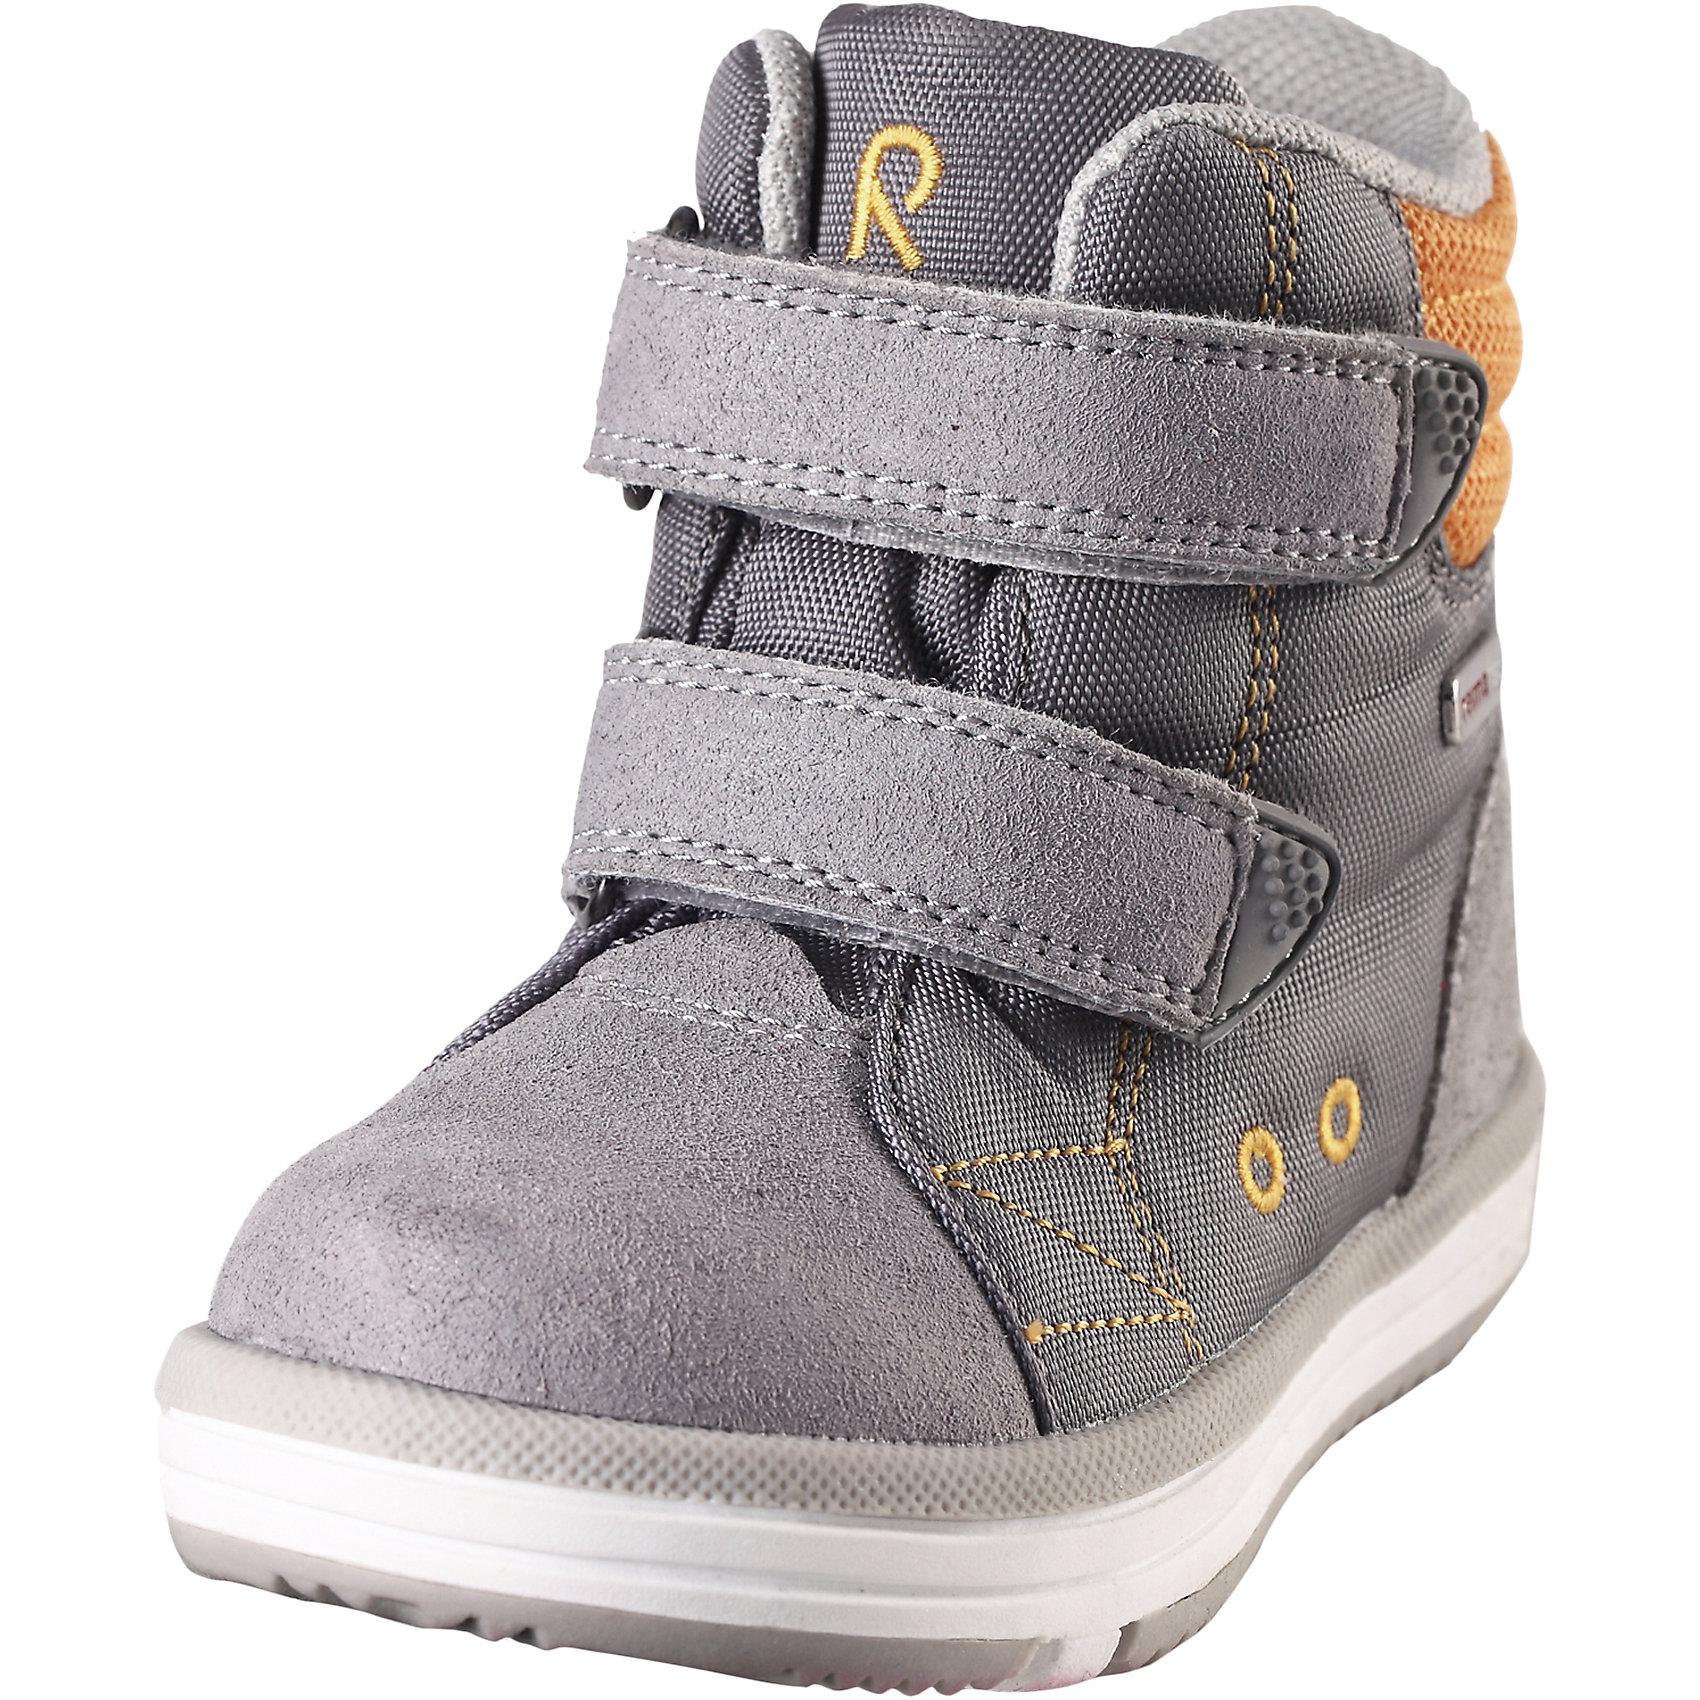 Ботинки Patter Reimatec® ReimaОбувь<br>Ботинки  Reimatec® Reima<br>Кроссовки для малышей. Водонепроницаемая демисезонная обувь. Подошва Reima® из термопластичного каучука с рисунком Happy Fit. Водонепроницаемые, герметичные вставки с подкладкой из mesh-сетки. Съемные стельки с рисунком Happy Fit, которые помогают определить размер. Можно стирать в машине при температуре 30 °C. Простая застежка на липучке, имеющая две точки крепления. Светоотражающие детали.<br>Уход:<br>Храните обувь в вертикальном положении при комнатной температуре. Сушить обувь всегда следует при комнатной температуре: вынув съемные стельки. Стельки следует время от времени заменять на новые. Налипшую грязь можно счищать щеткой или влажной тряпкой. Перед использованием обувь рекомендуется обрабатывать специальными защитными средствами.<br>Состав:<br>Подошва: Термопластиковая резина, Верх: 80% Брезент 20% ПУ<br><br>Ширина мм: 262<br>Глубина мм: 176<br>Высота мм: 97<br>Вес г: 427<br>Цвет: серый<br>Возраст от месяцев: 9<br>Возраст до месяцев: 12<br>Пол: Унисекс<br>Возраст: Детский<br>Размер: 20,29,24,28,21,23,26,27,22,25,30<br>SKU: 4776548